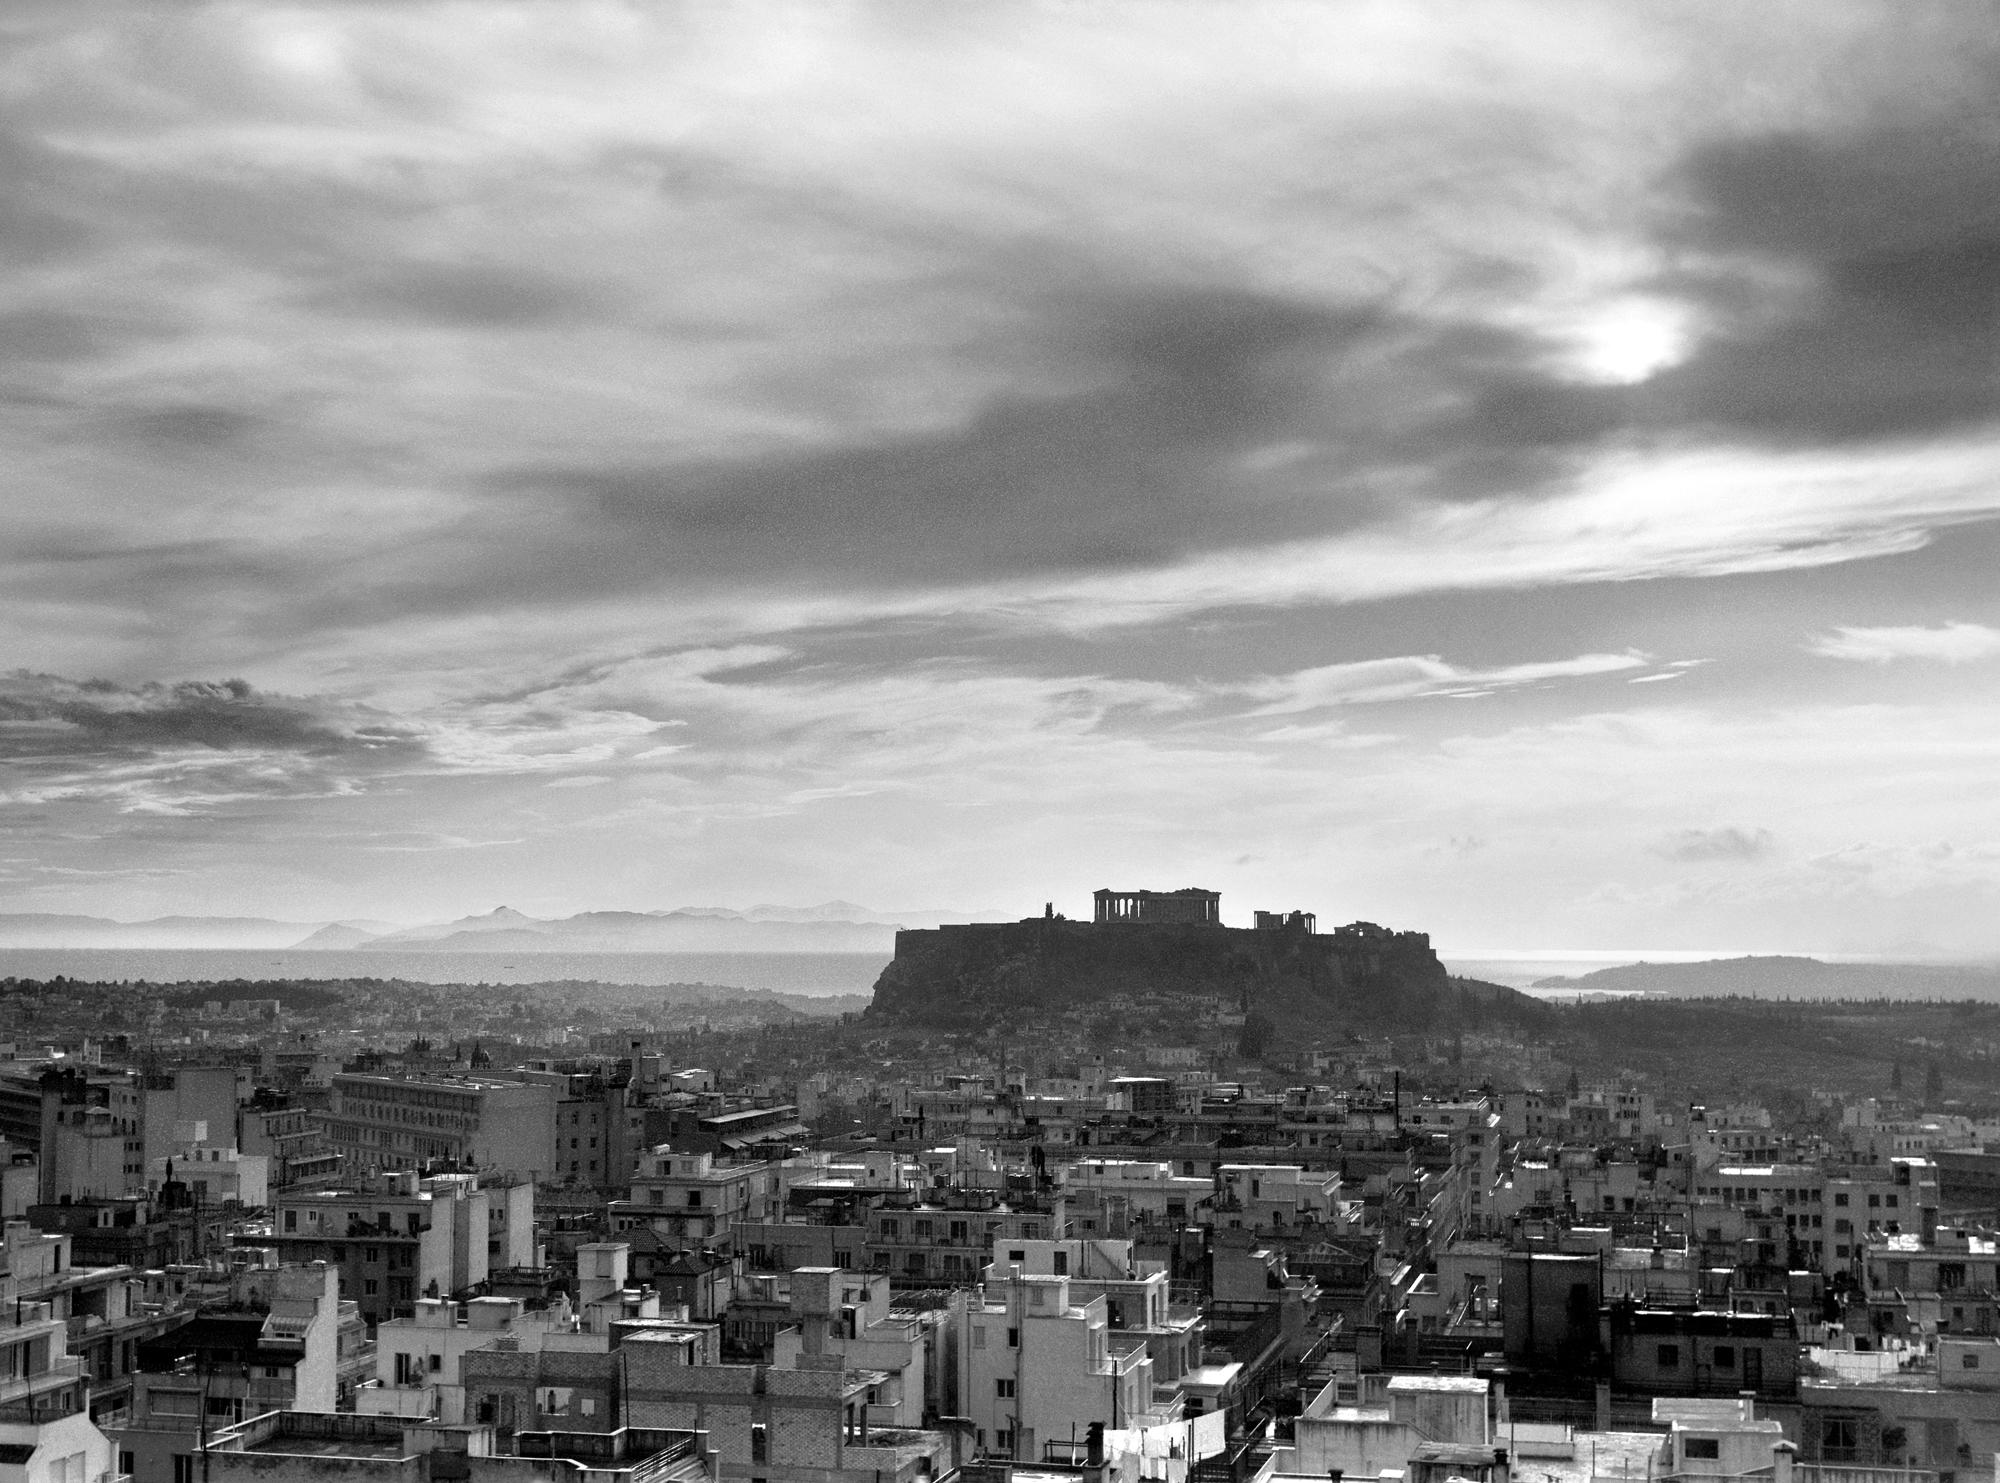 Ιωάννης Λάμπρος, Πανοραμική άποψη της Αθήνας με την Ακρόπολη στο βάθος, 1960